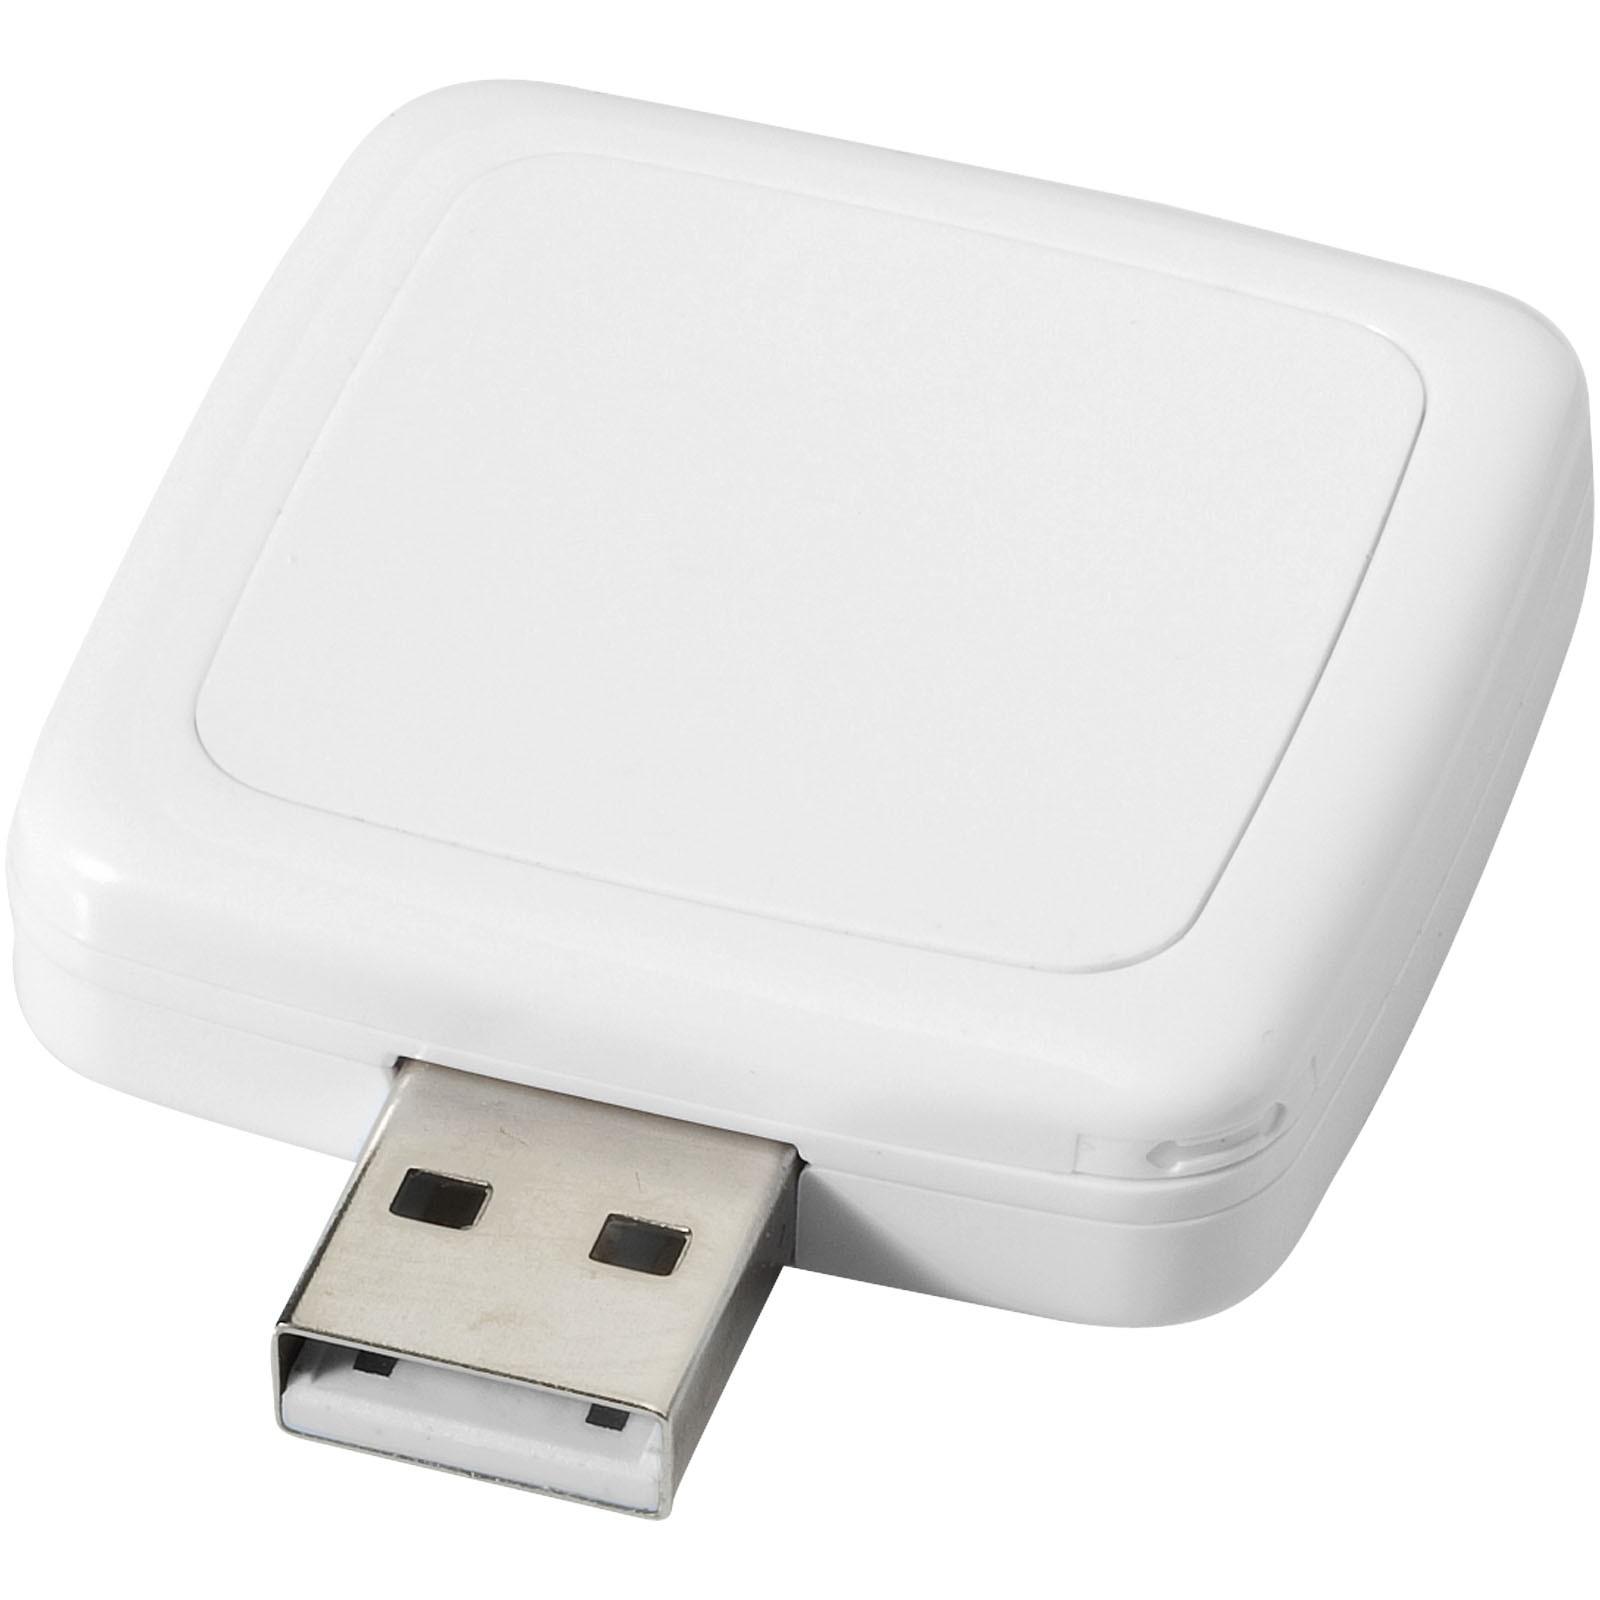 Rotating square USB - White / 1GB